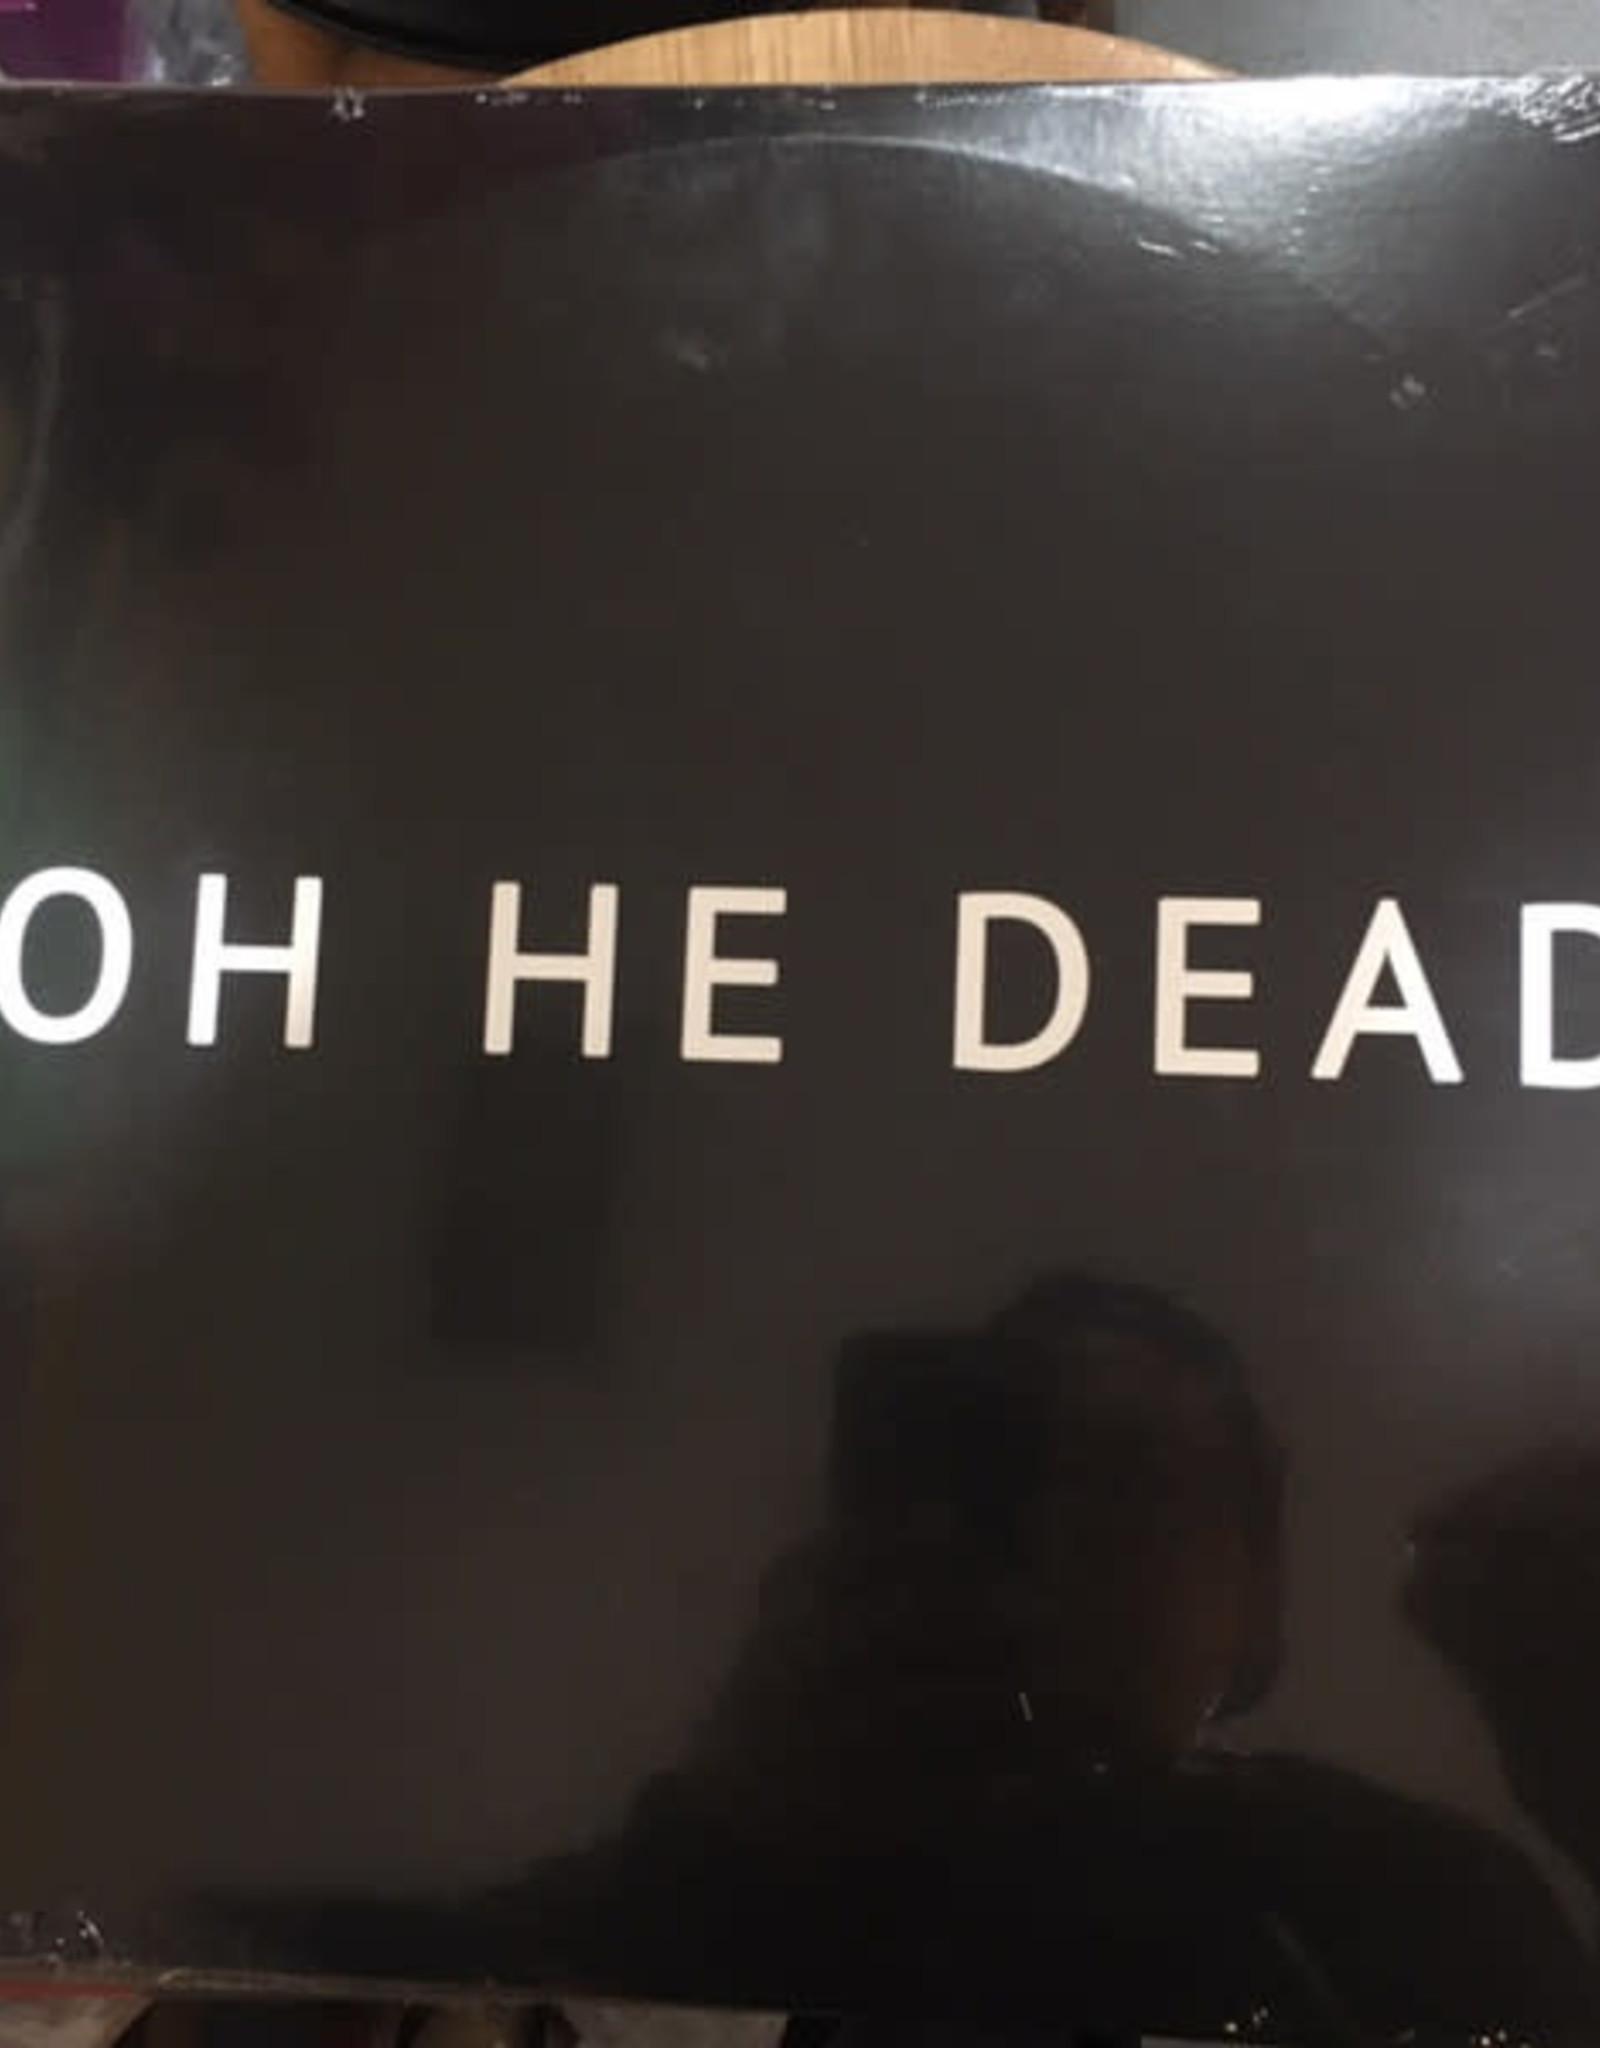 Oh He Dead - S/t